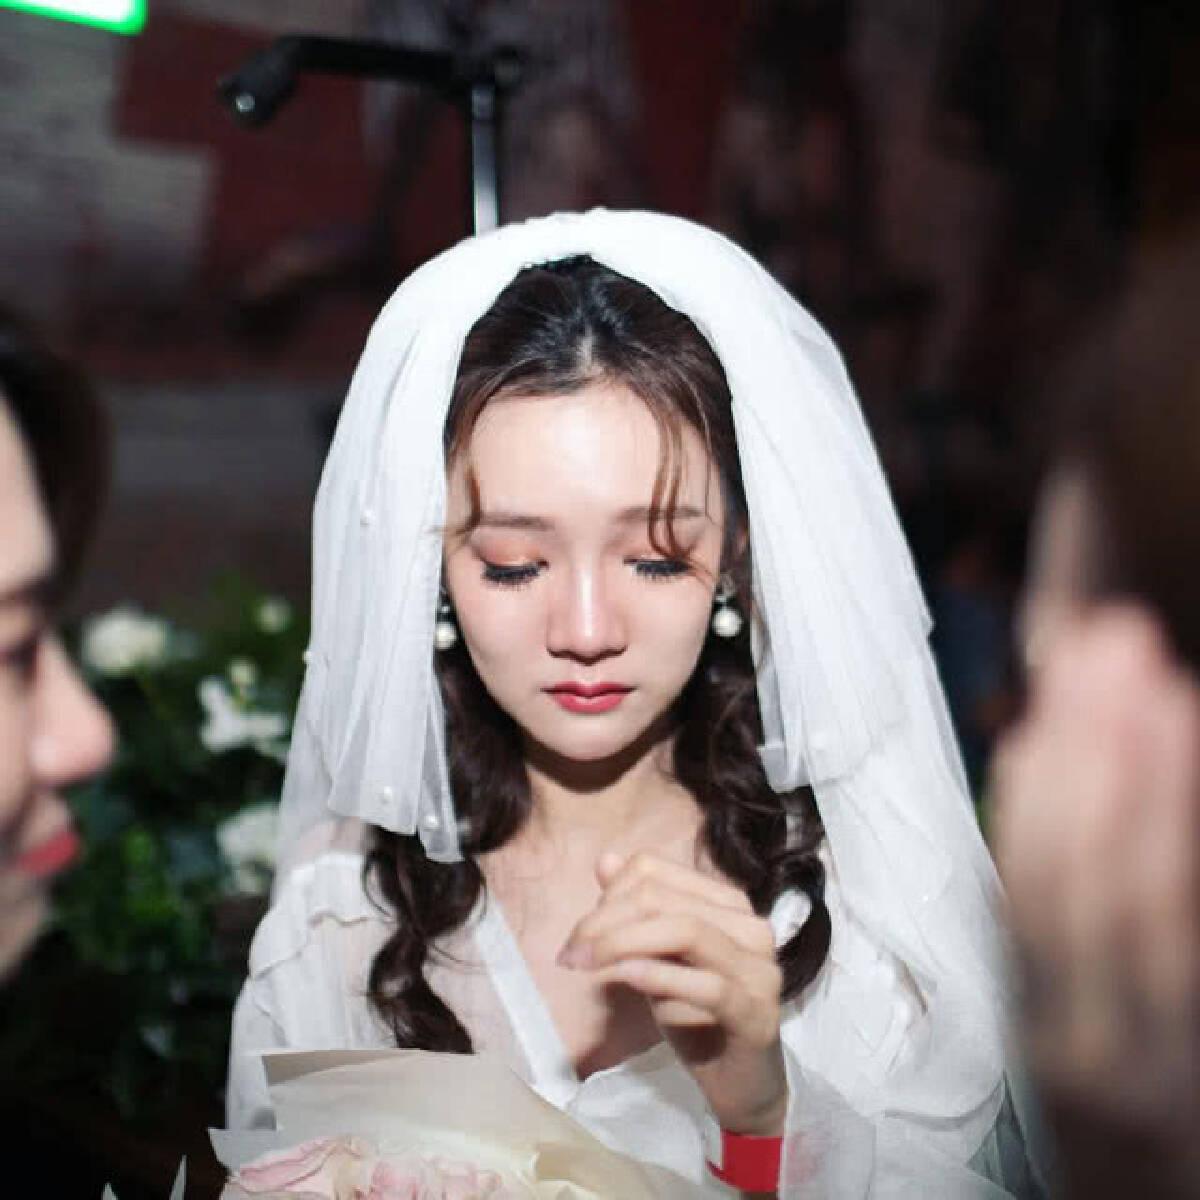 หนุ่มขอสาวแต่งงานกลางเดี่ยว 12 ขอโทษแล้ว!!